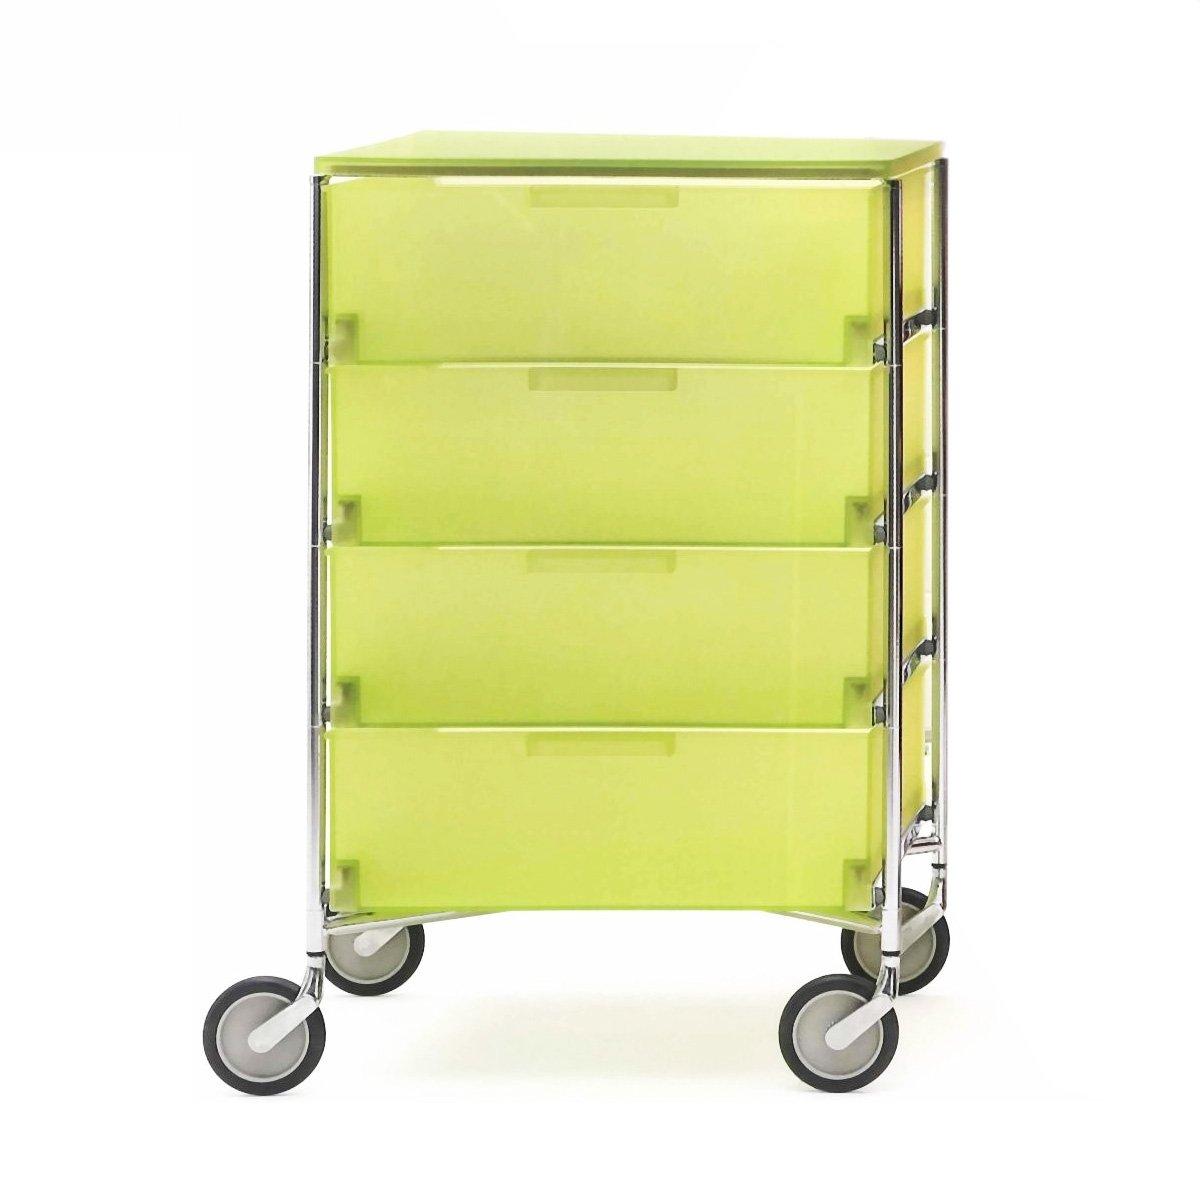 Kartell 2024L3 Container Mobil, 4 Schubladen, zitronengelb